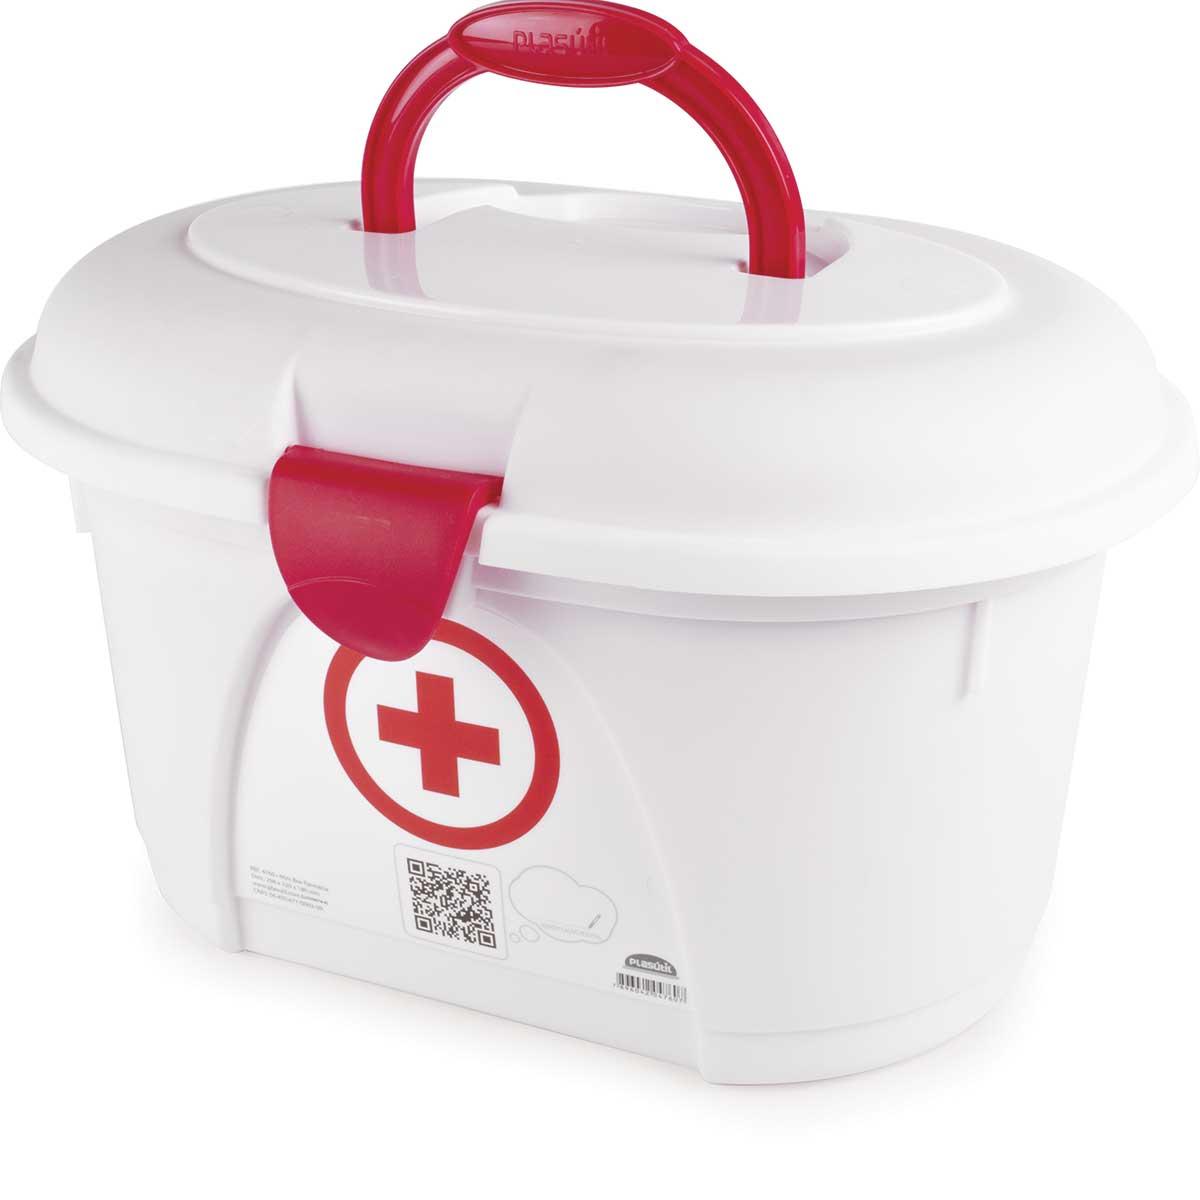 Kit 4 Caixas Organizadoras Empilháveis + Maleta Medicamentos